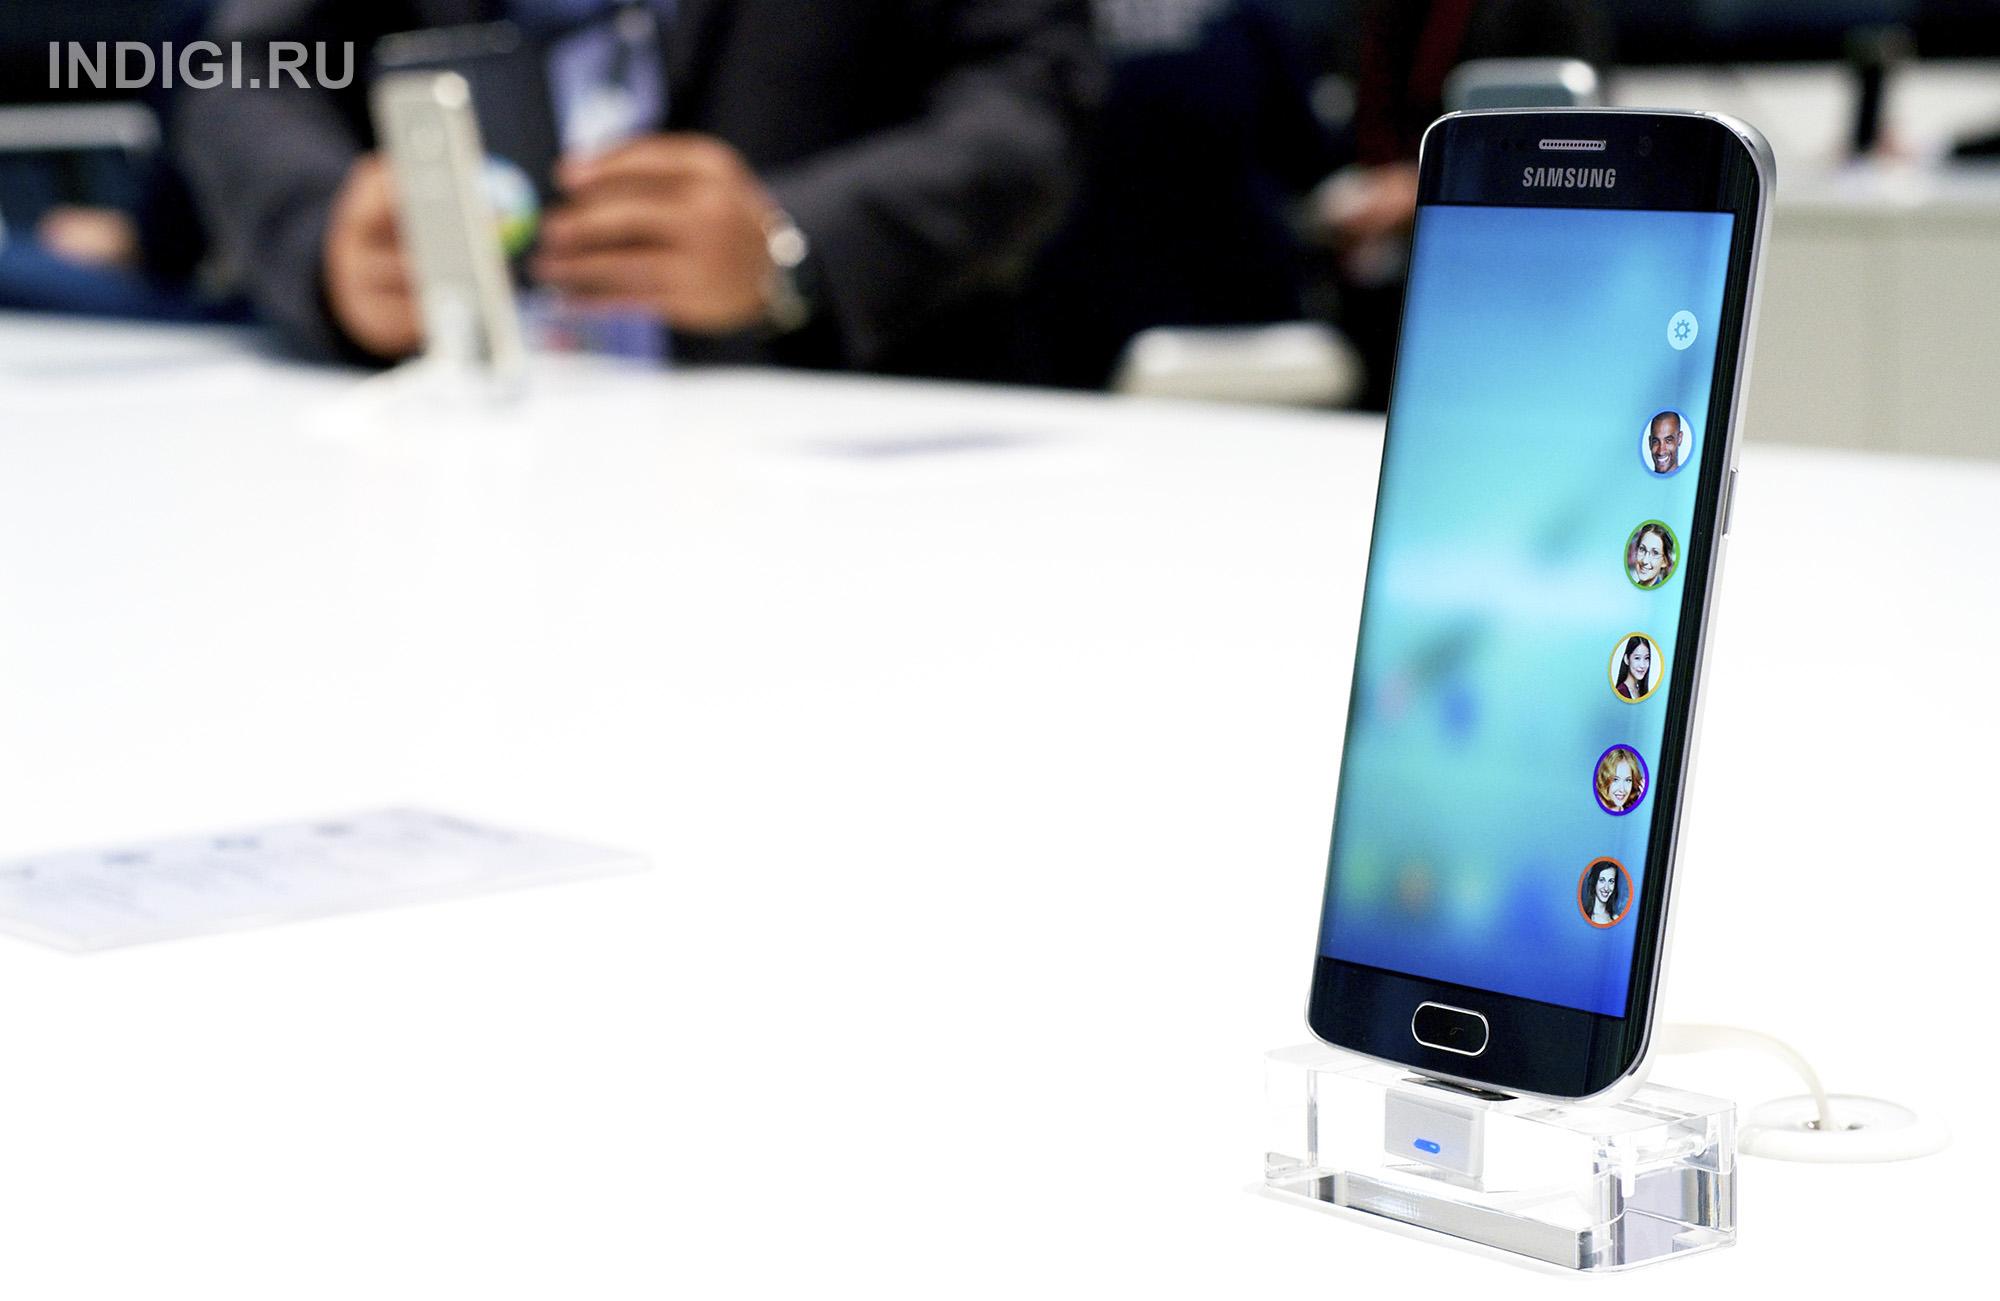 Спецификации и новая фотография Samsung Galaxy S8 и Galaxy S8 Plus